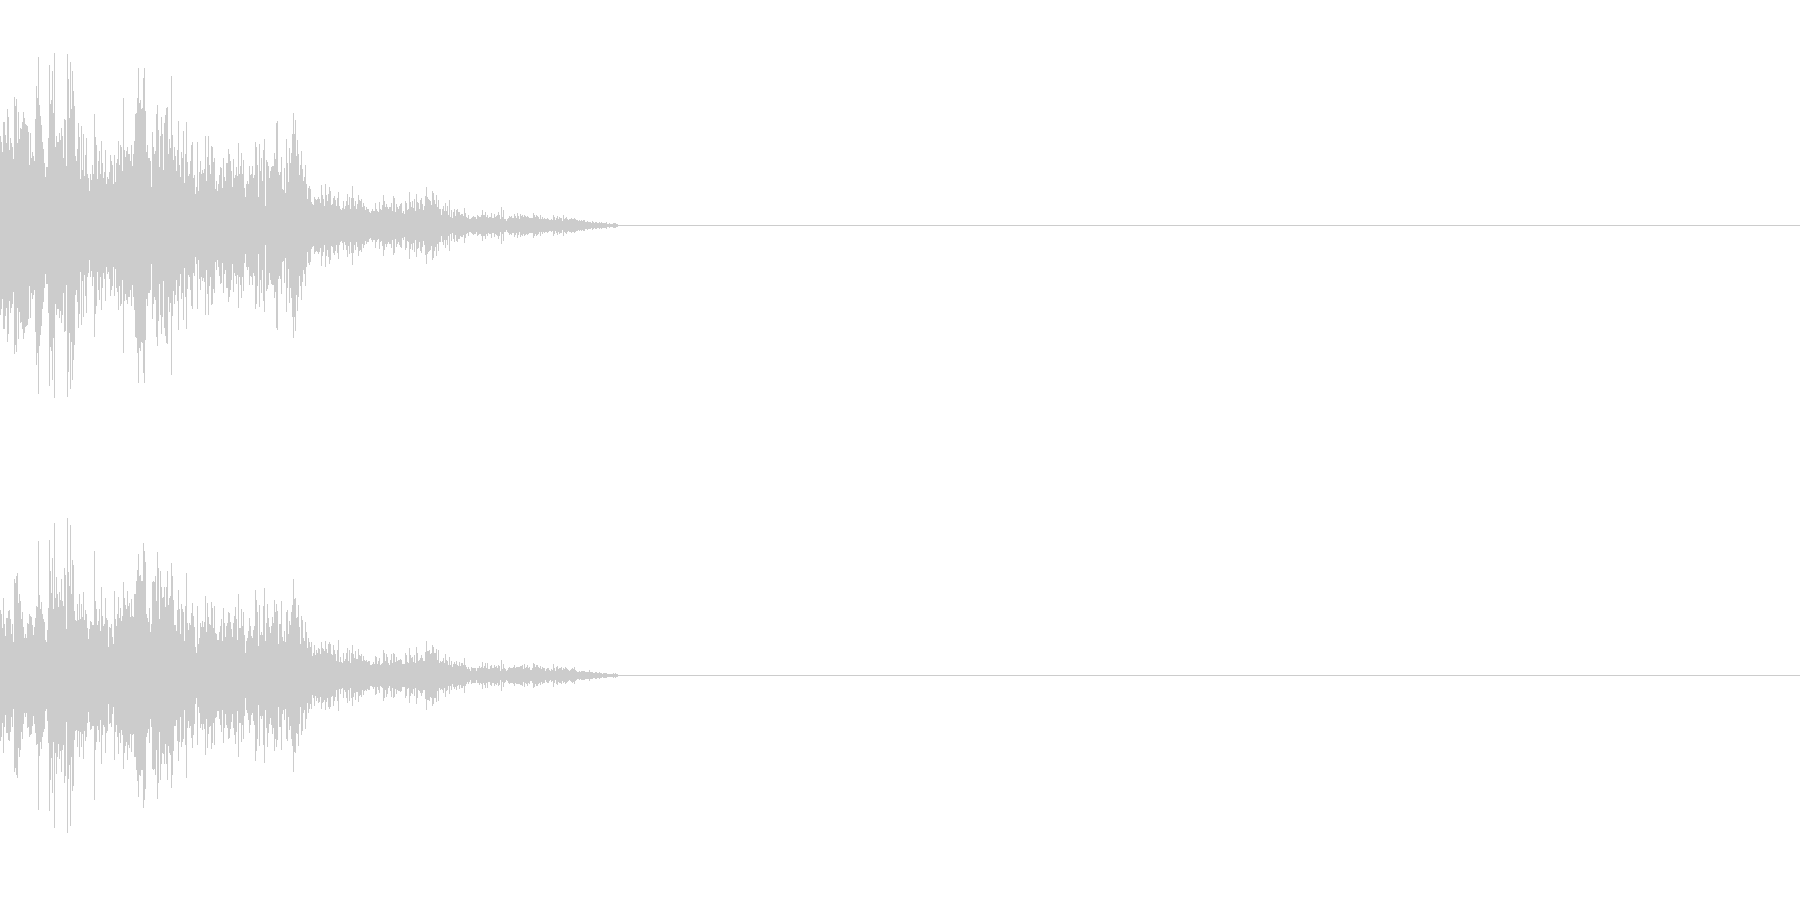 ダメージ音 3の未再生の波形